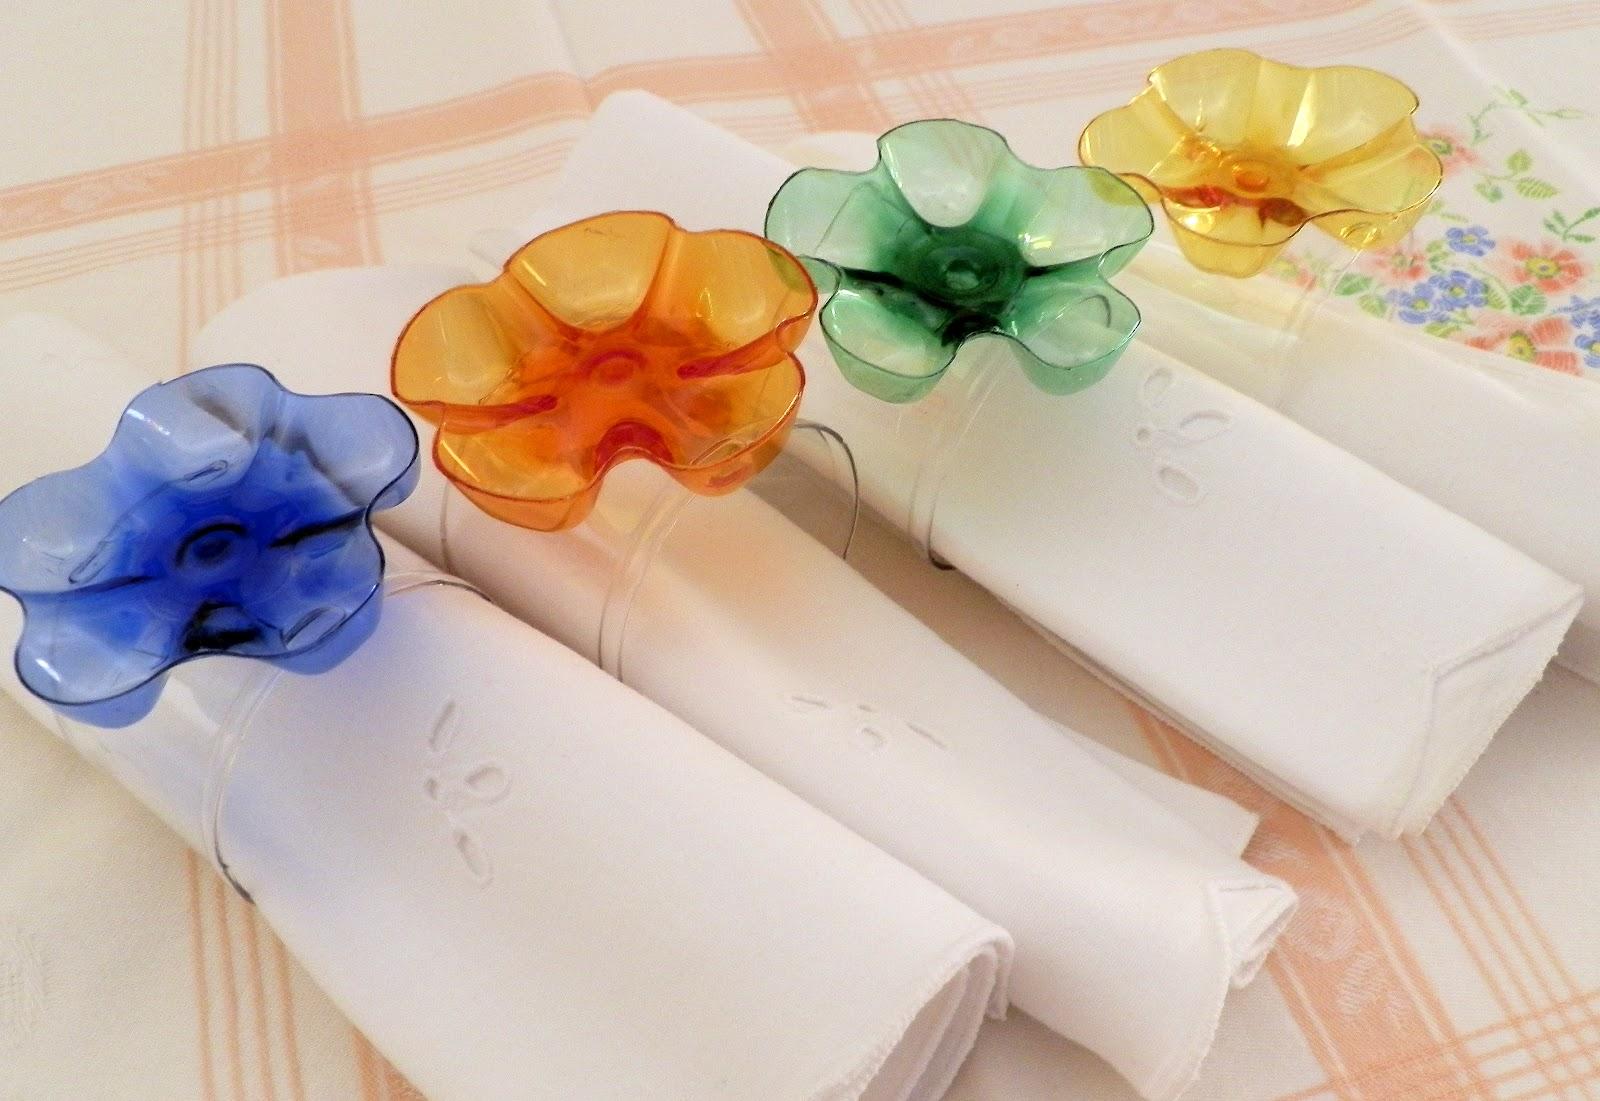 Bricolage Con Bottiglie Di Plastica.5 Modi Creativi Per Riciclare Bottiglie Di Plastica Si Il Blog